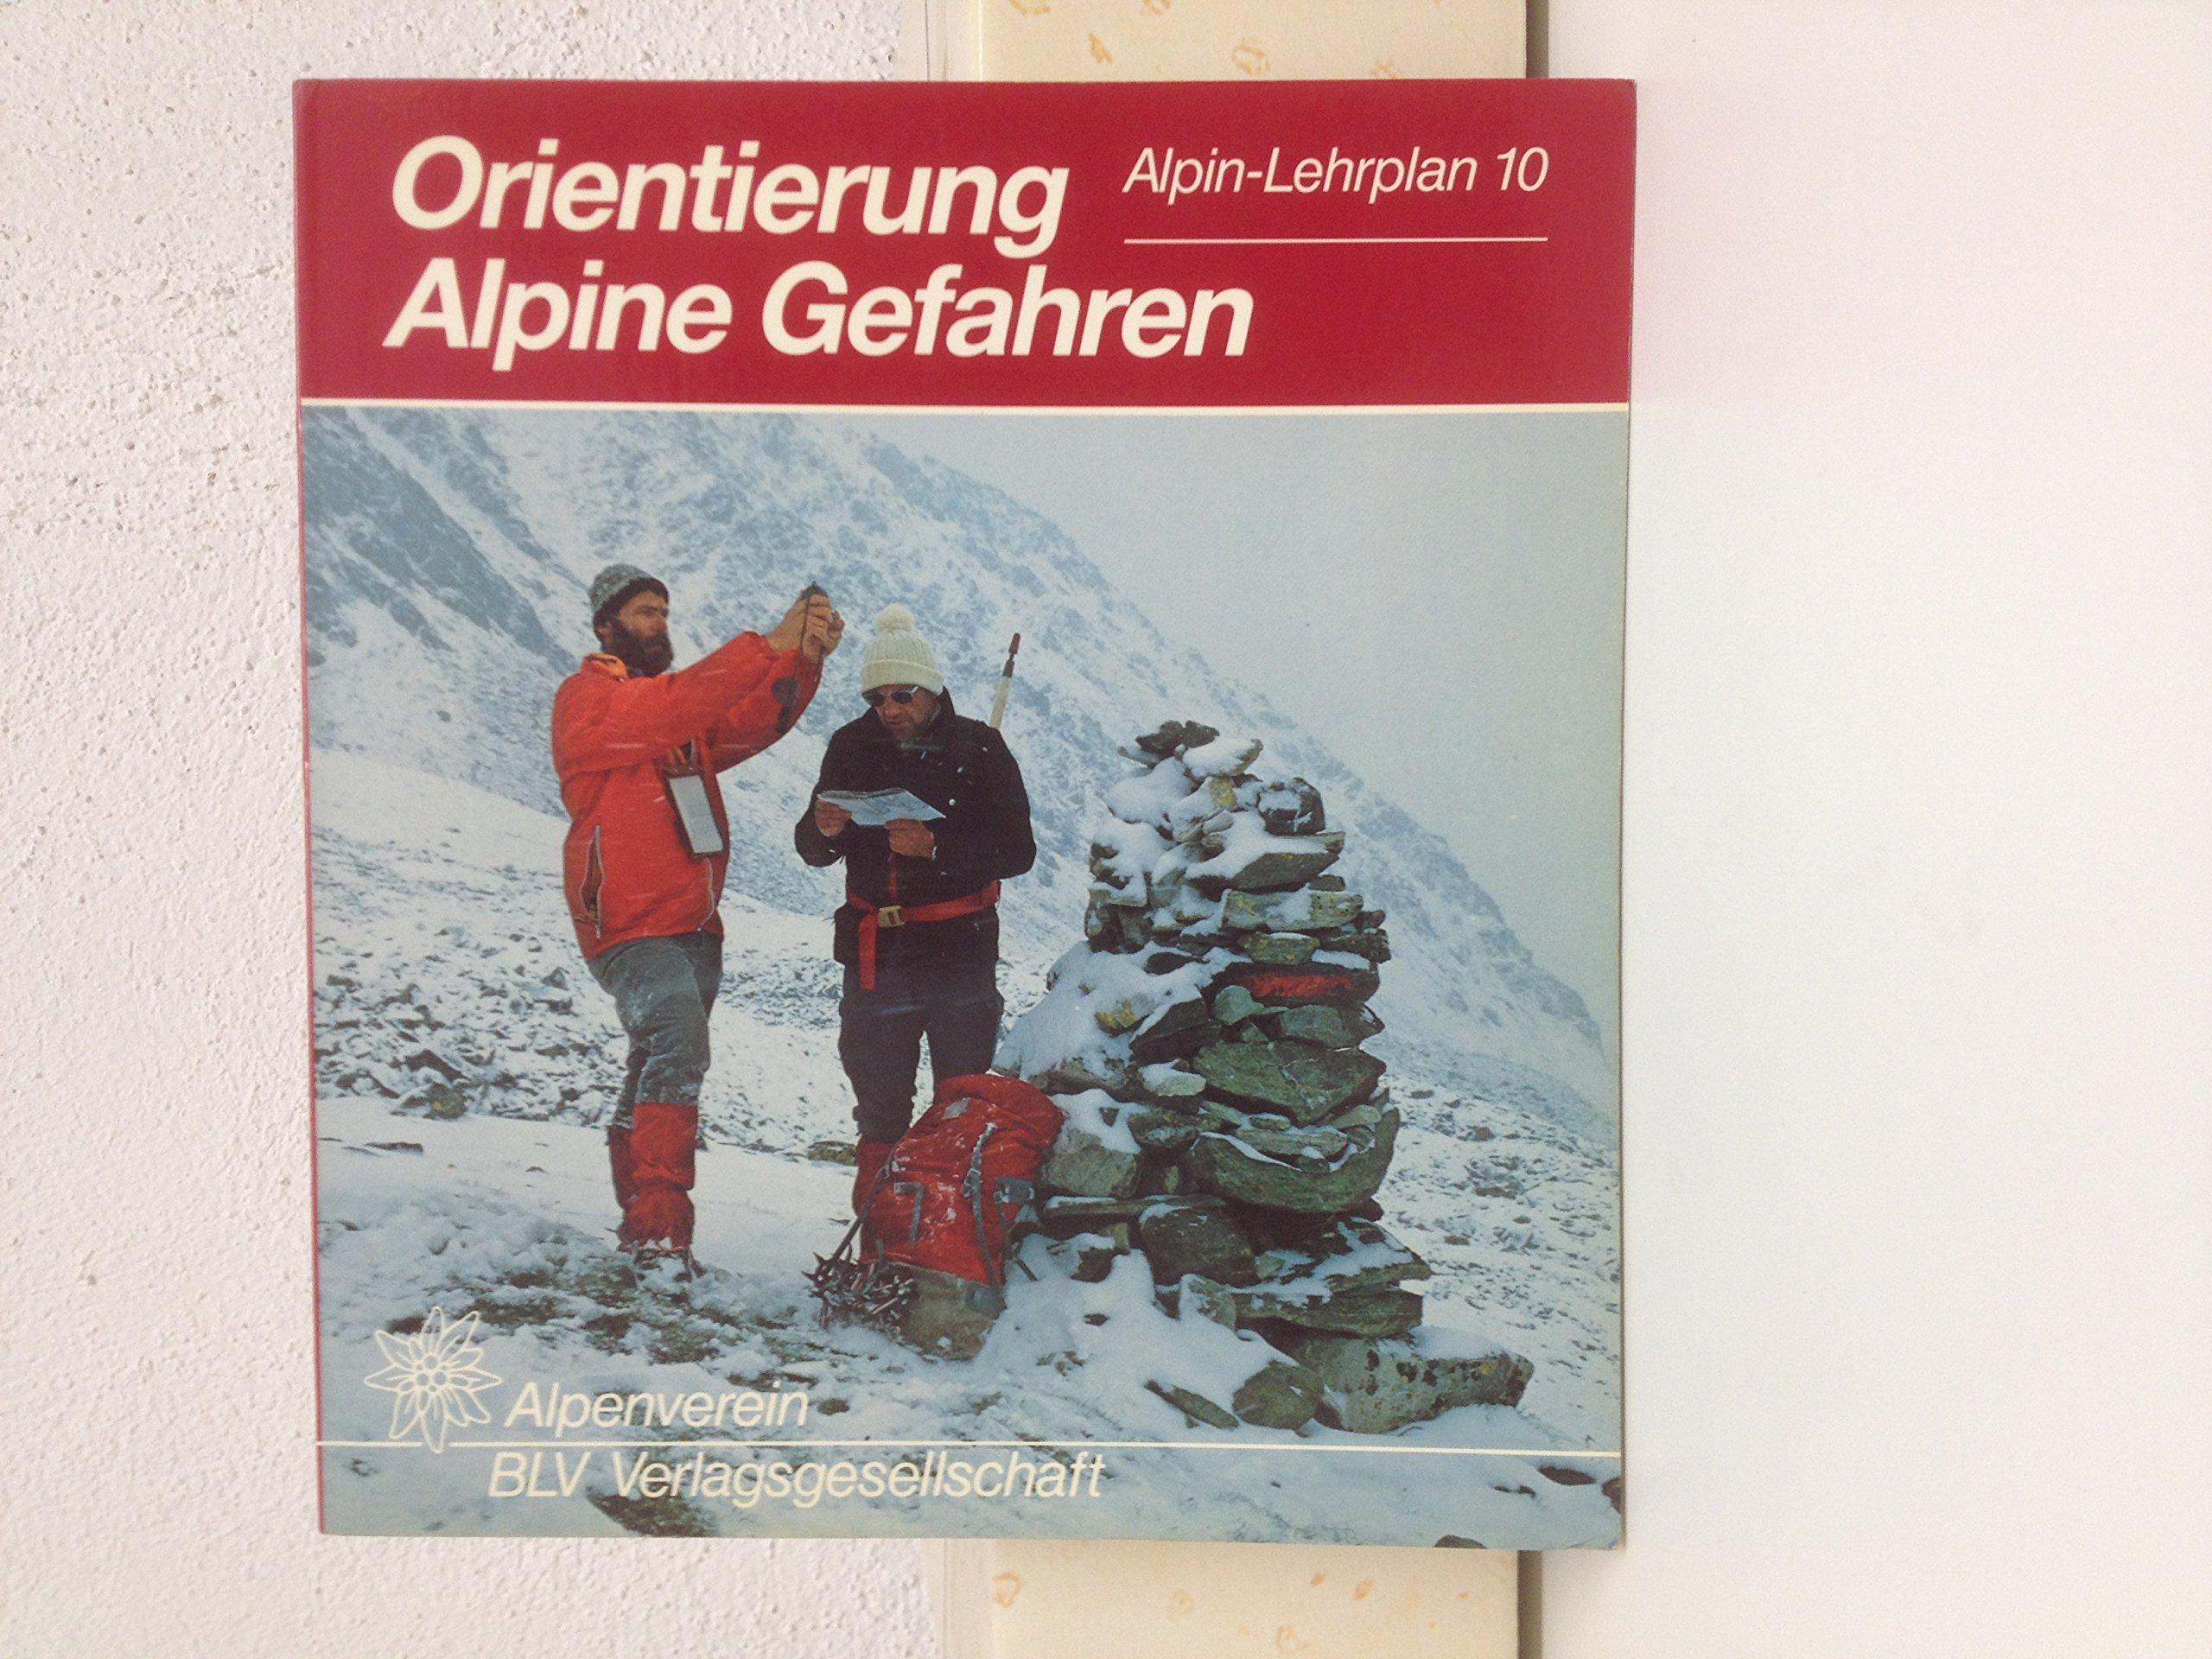 Orientierung; Alpine Gefahren